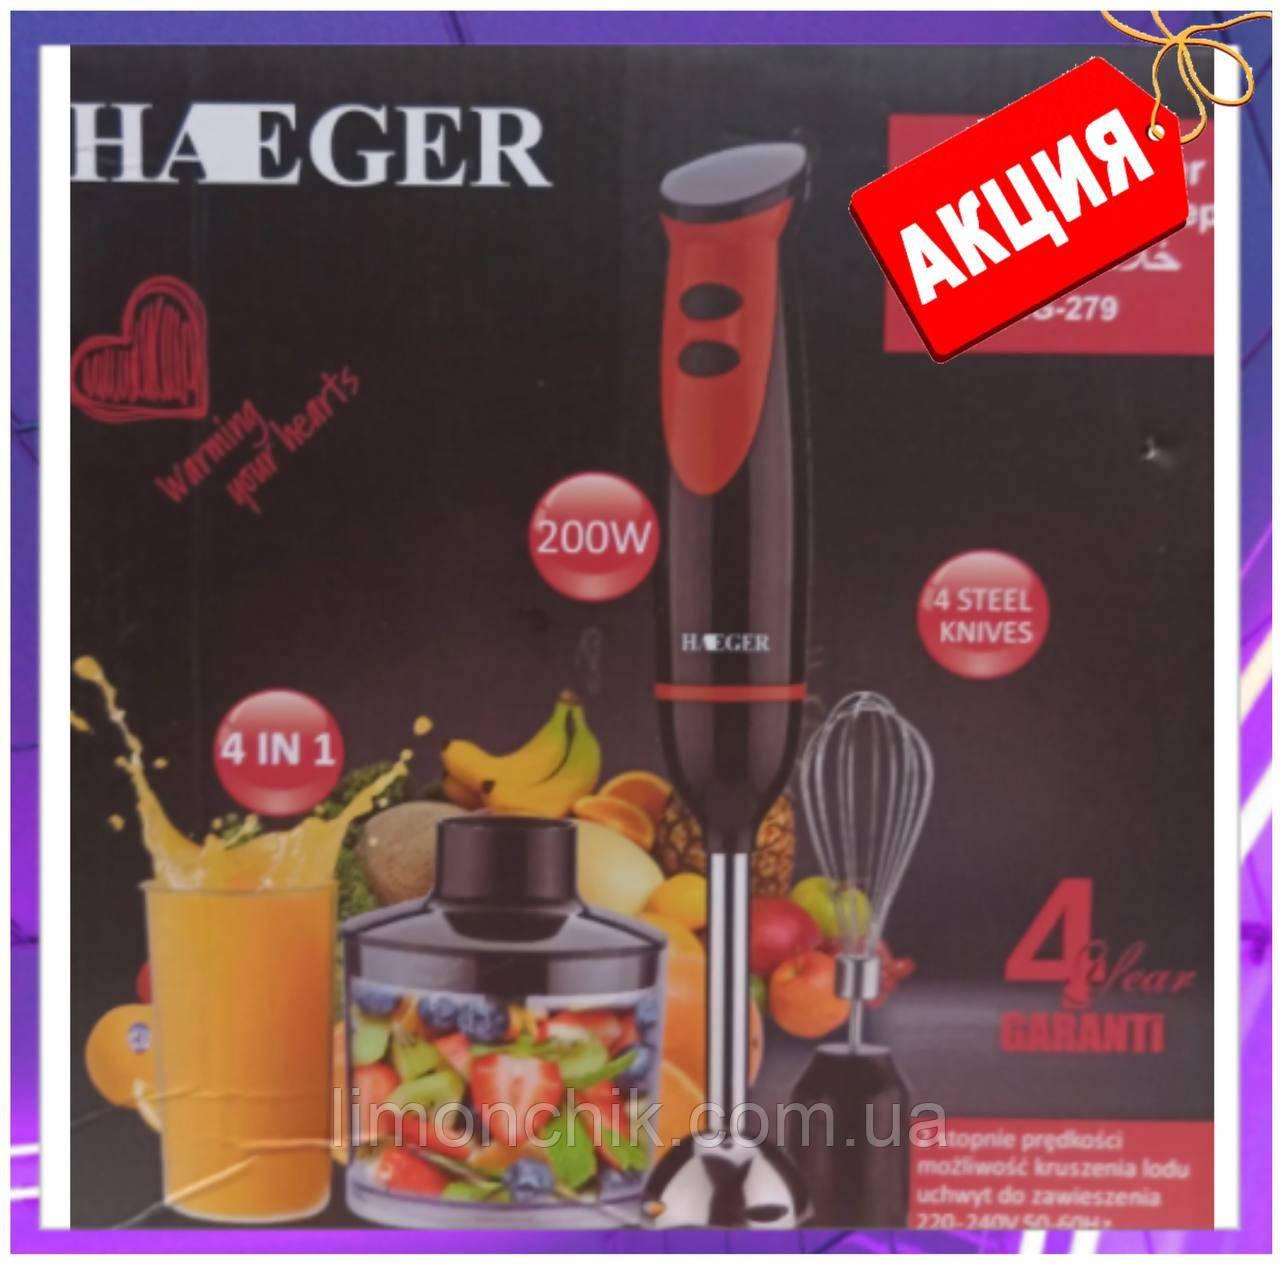 Блендер стационарный кухонный 4в1 миксер, измельчитель Haeger HG-279 с венчиком для взбивания